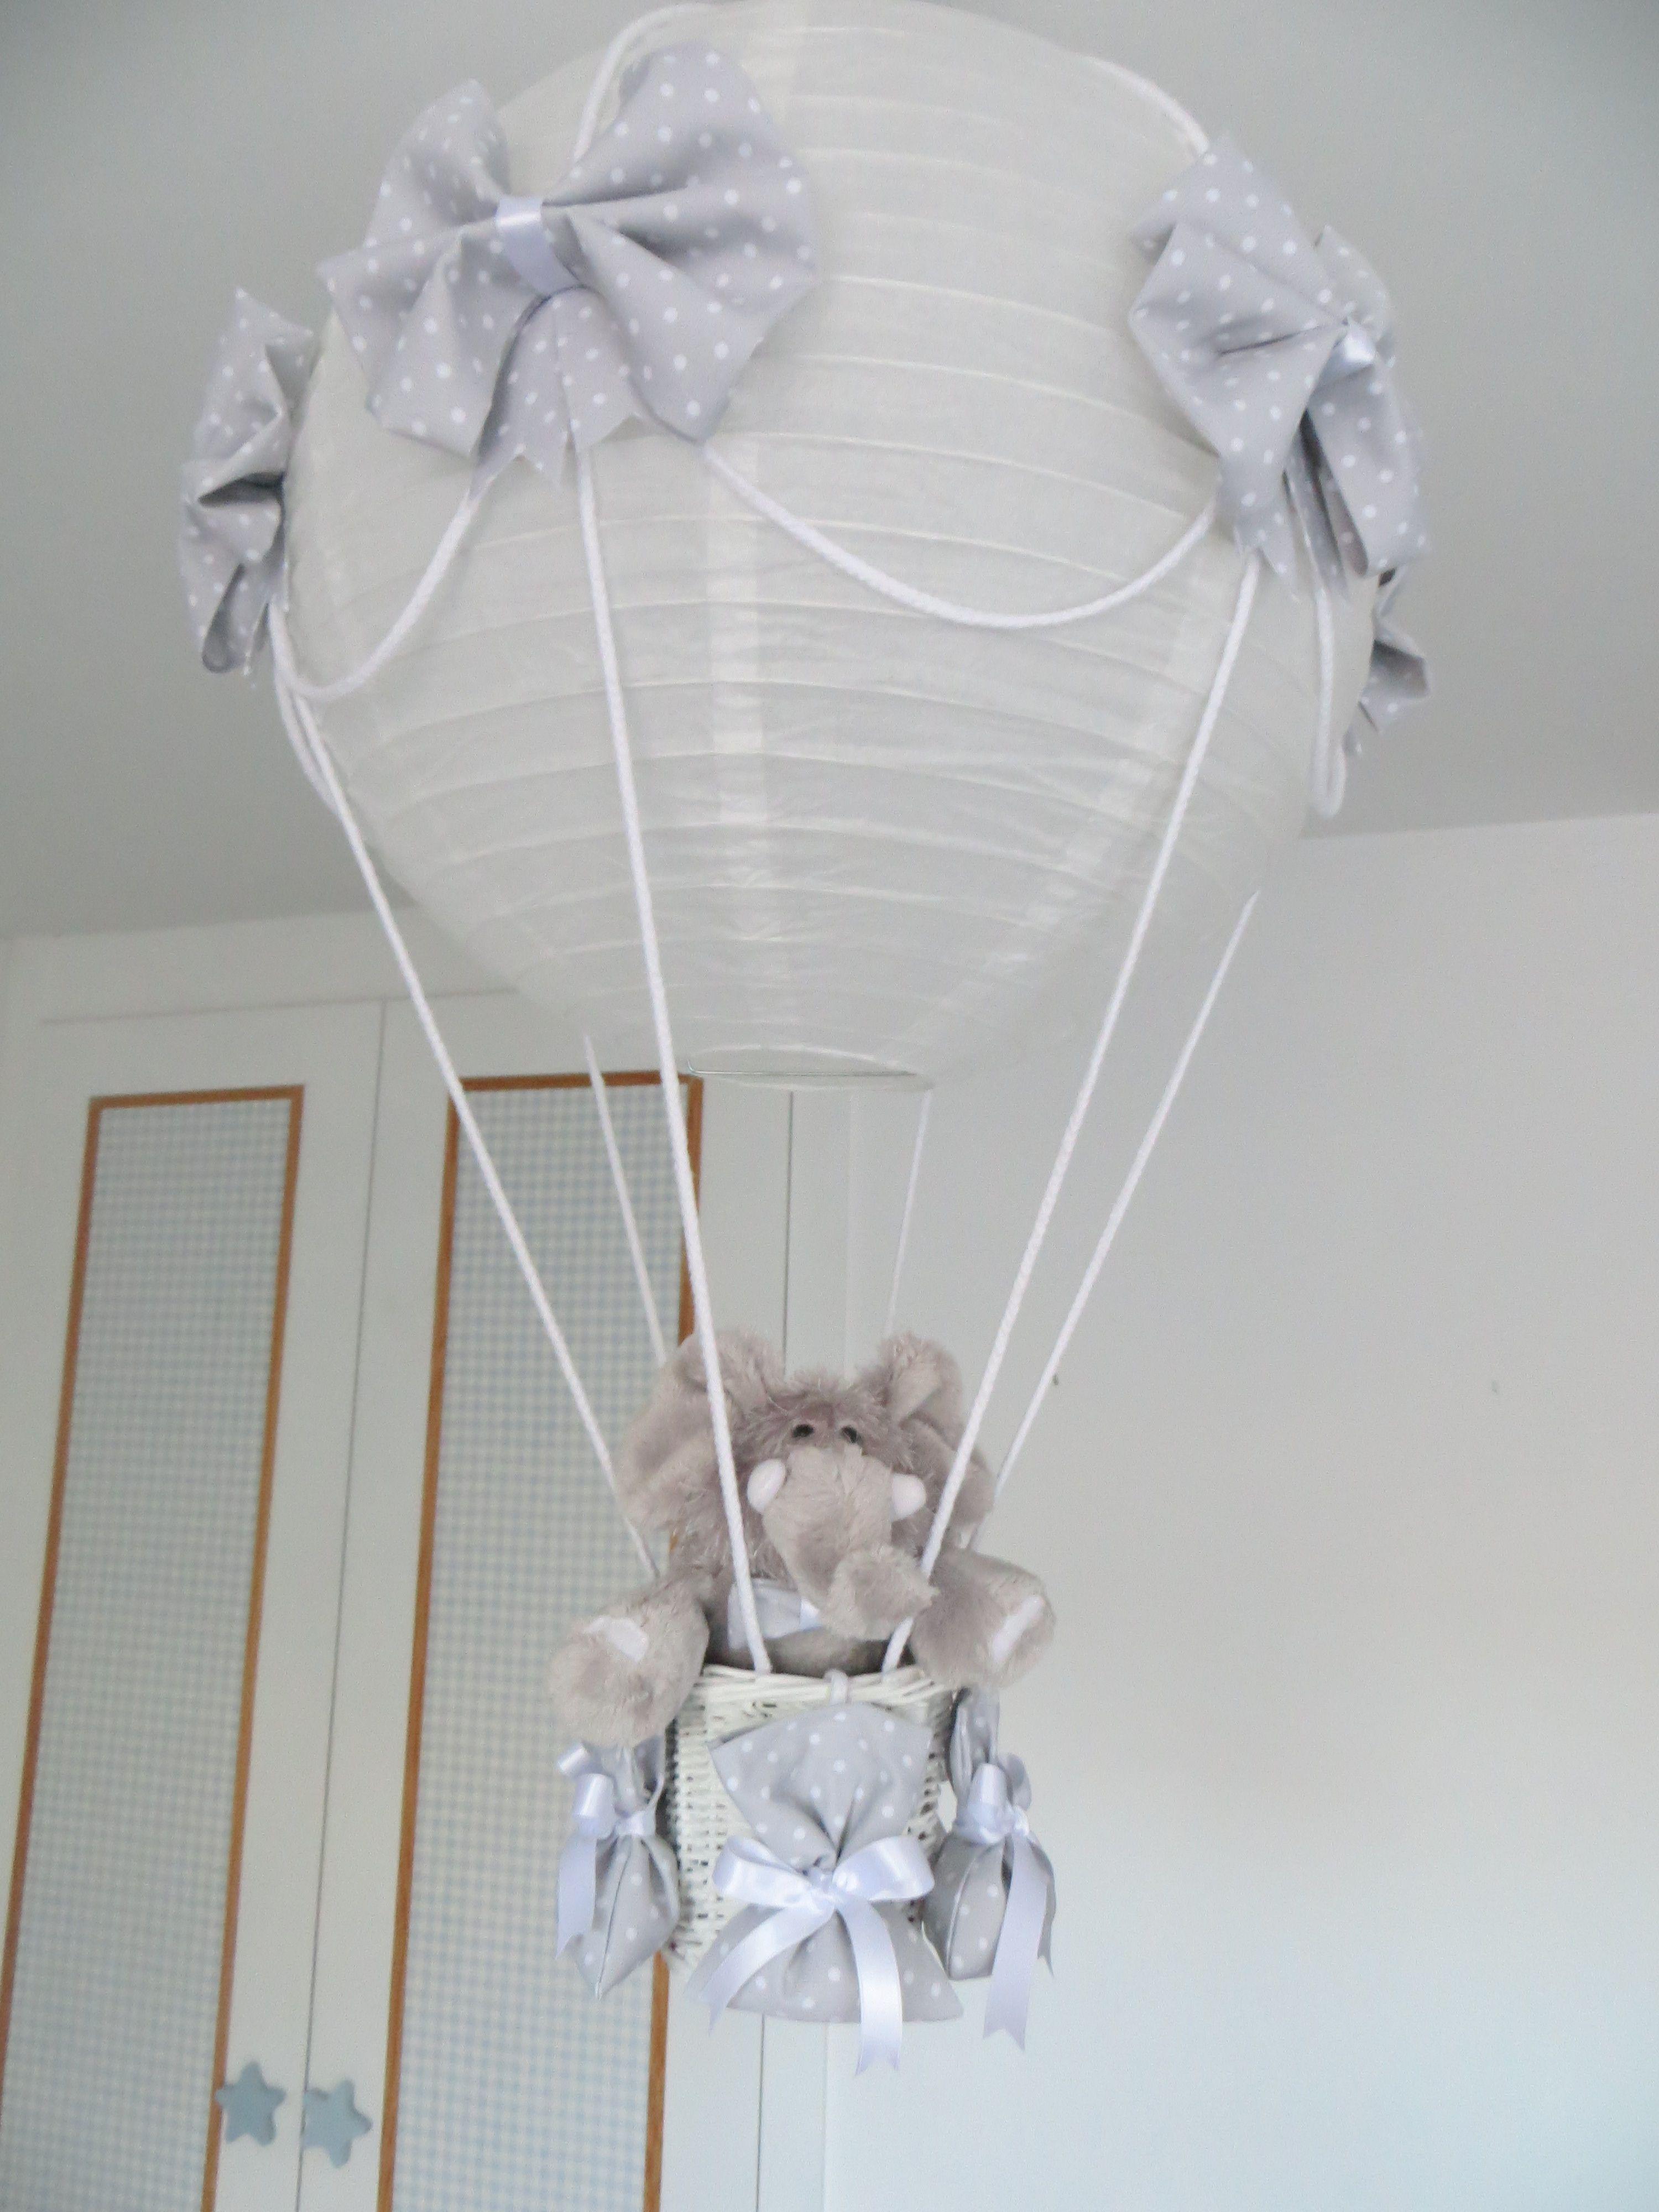 Realizamos lamparas para decorar la habitaci n de tu bebe - Decorar cuarto de bebe ...